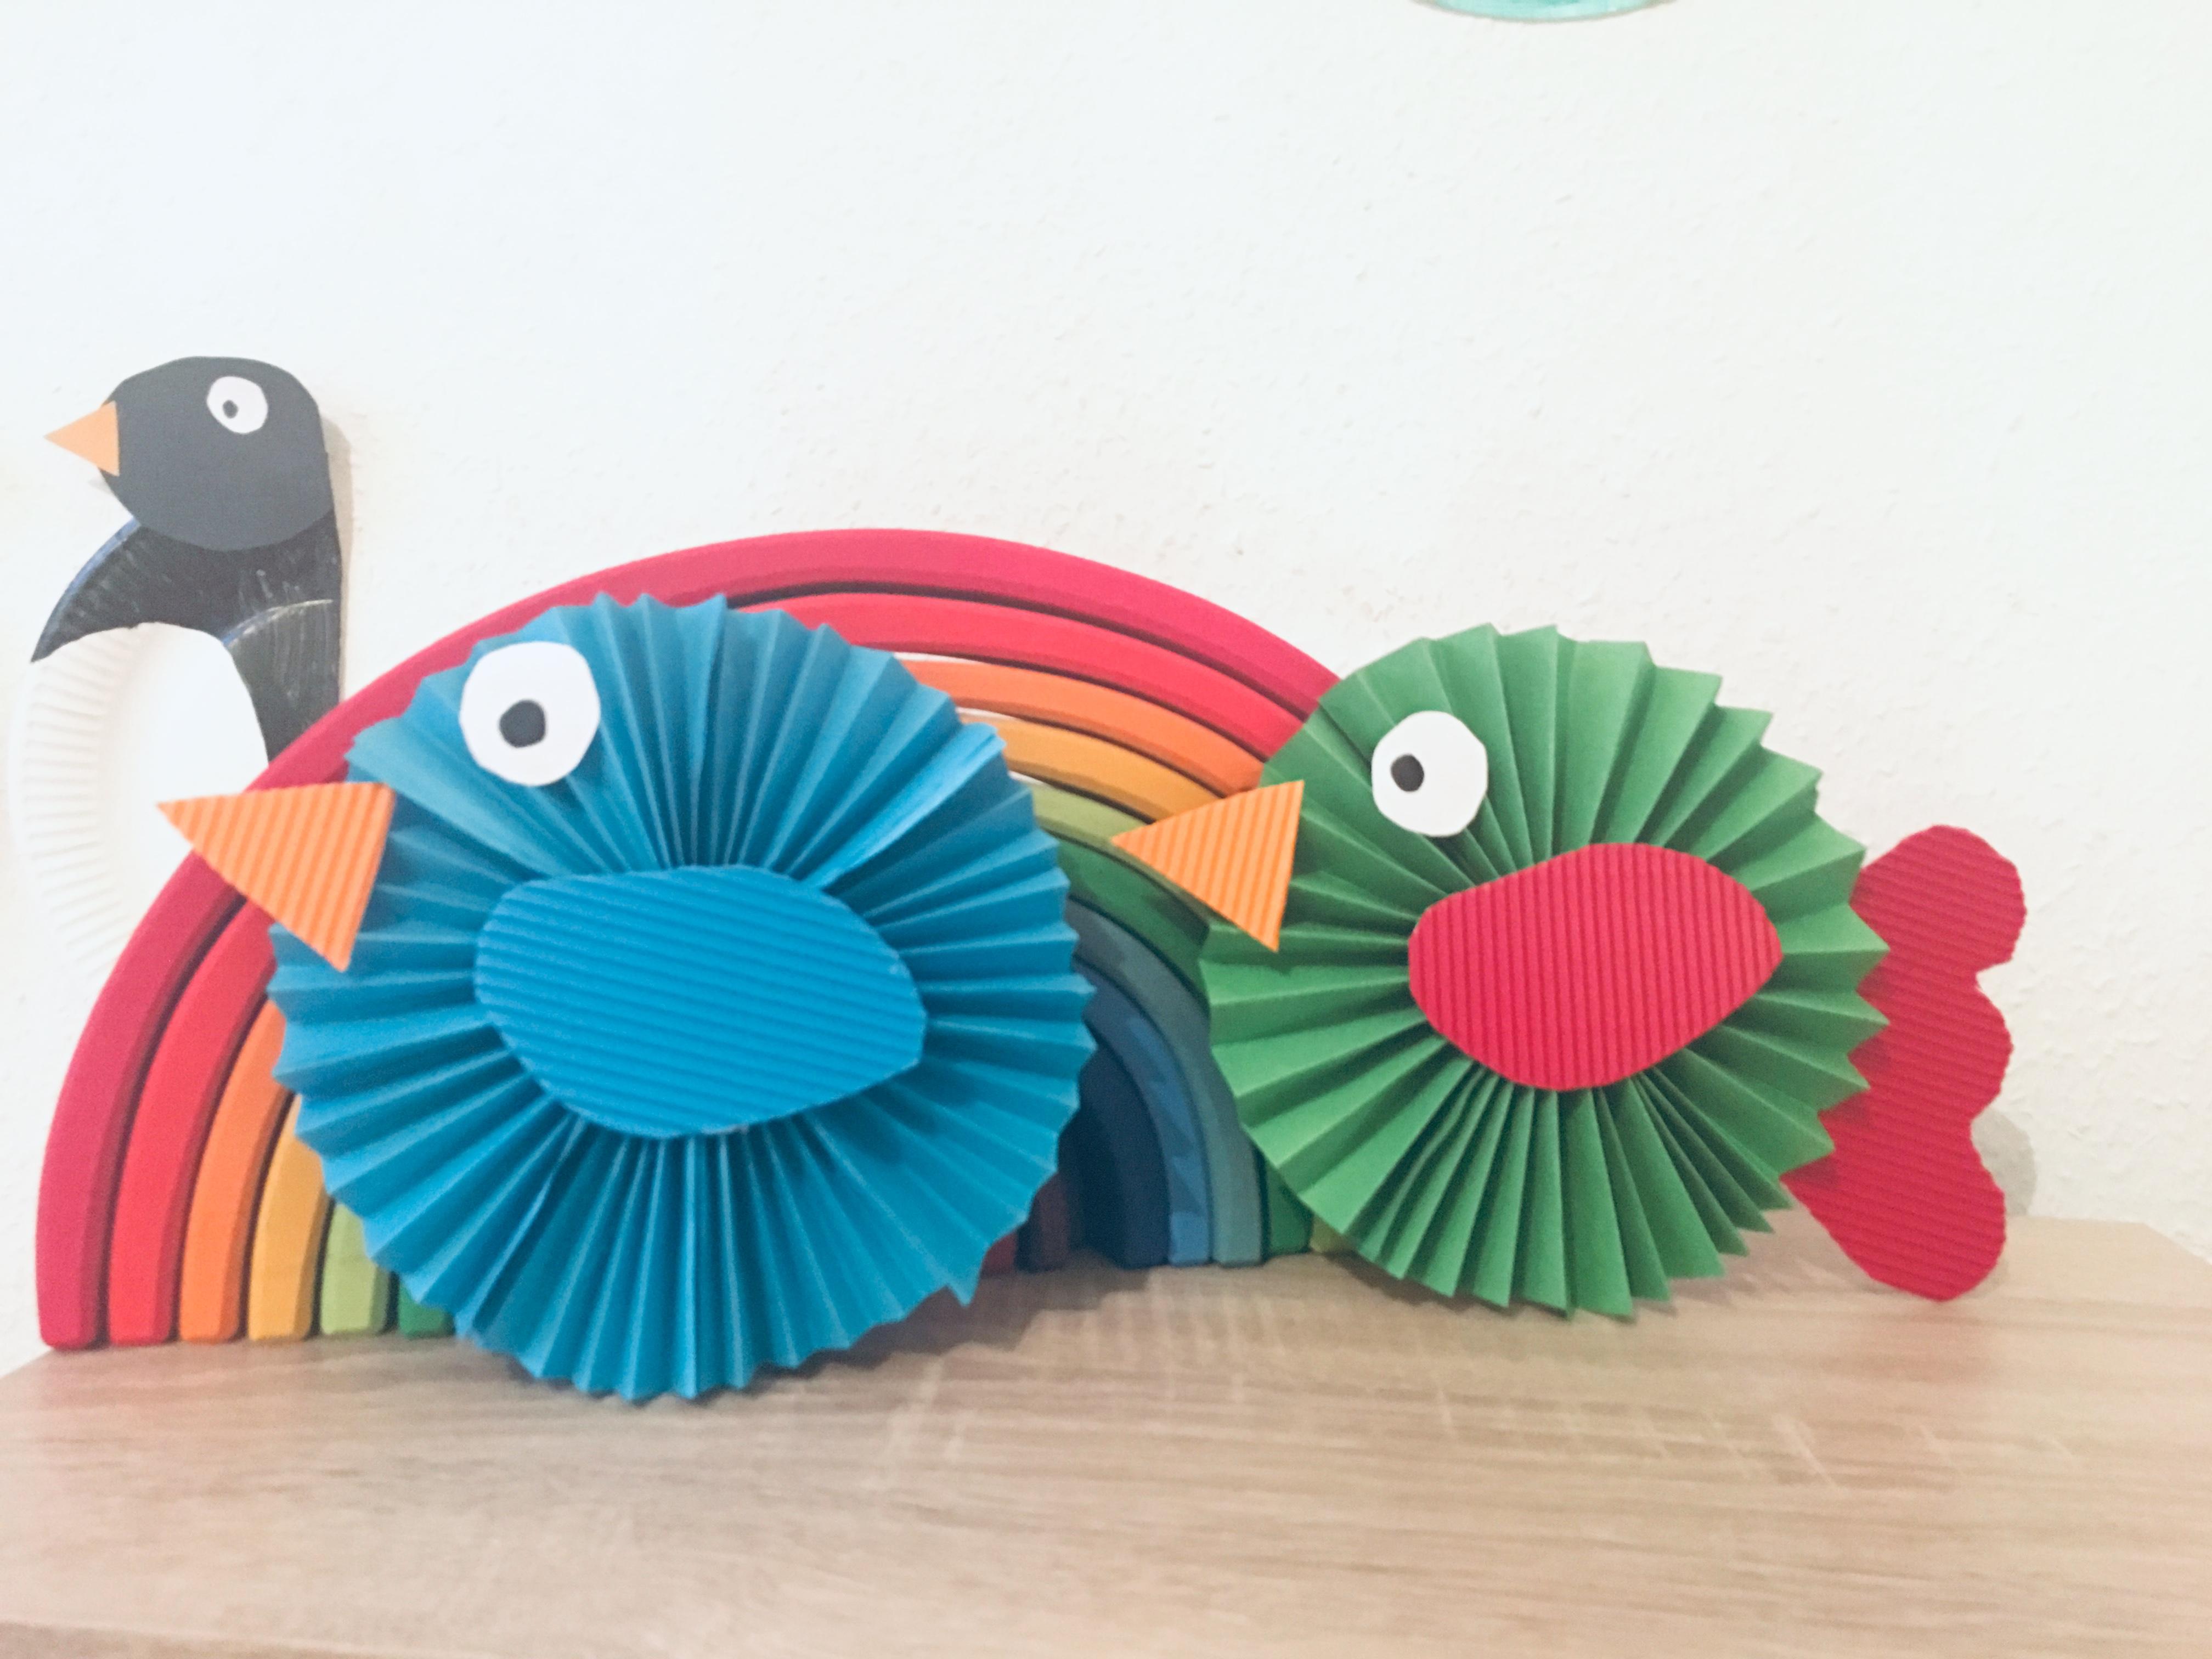 Weihnachtsbasteln Papier.Bunte Vögel Aus Papier Falten Basteln Mit Kindern Der